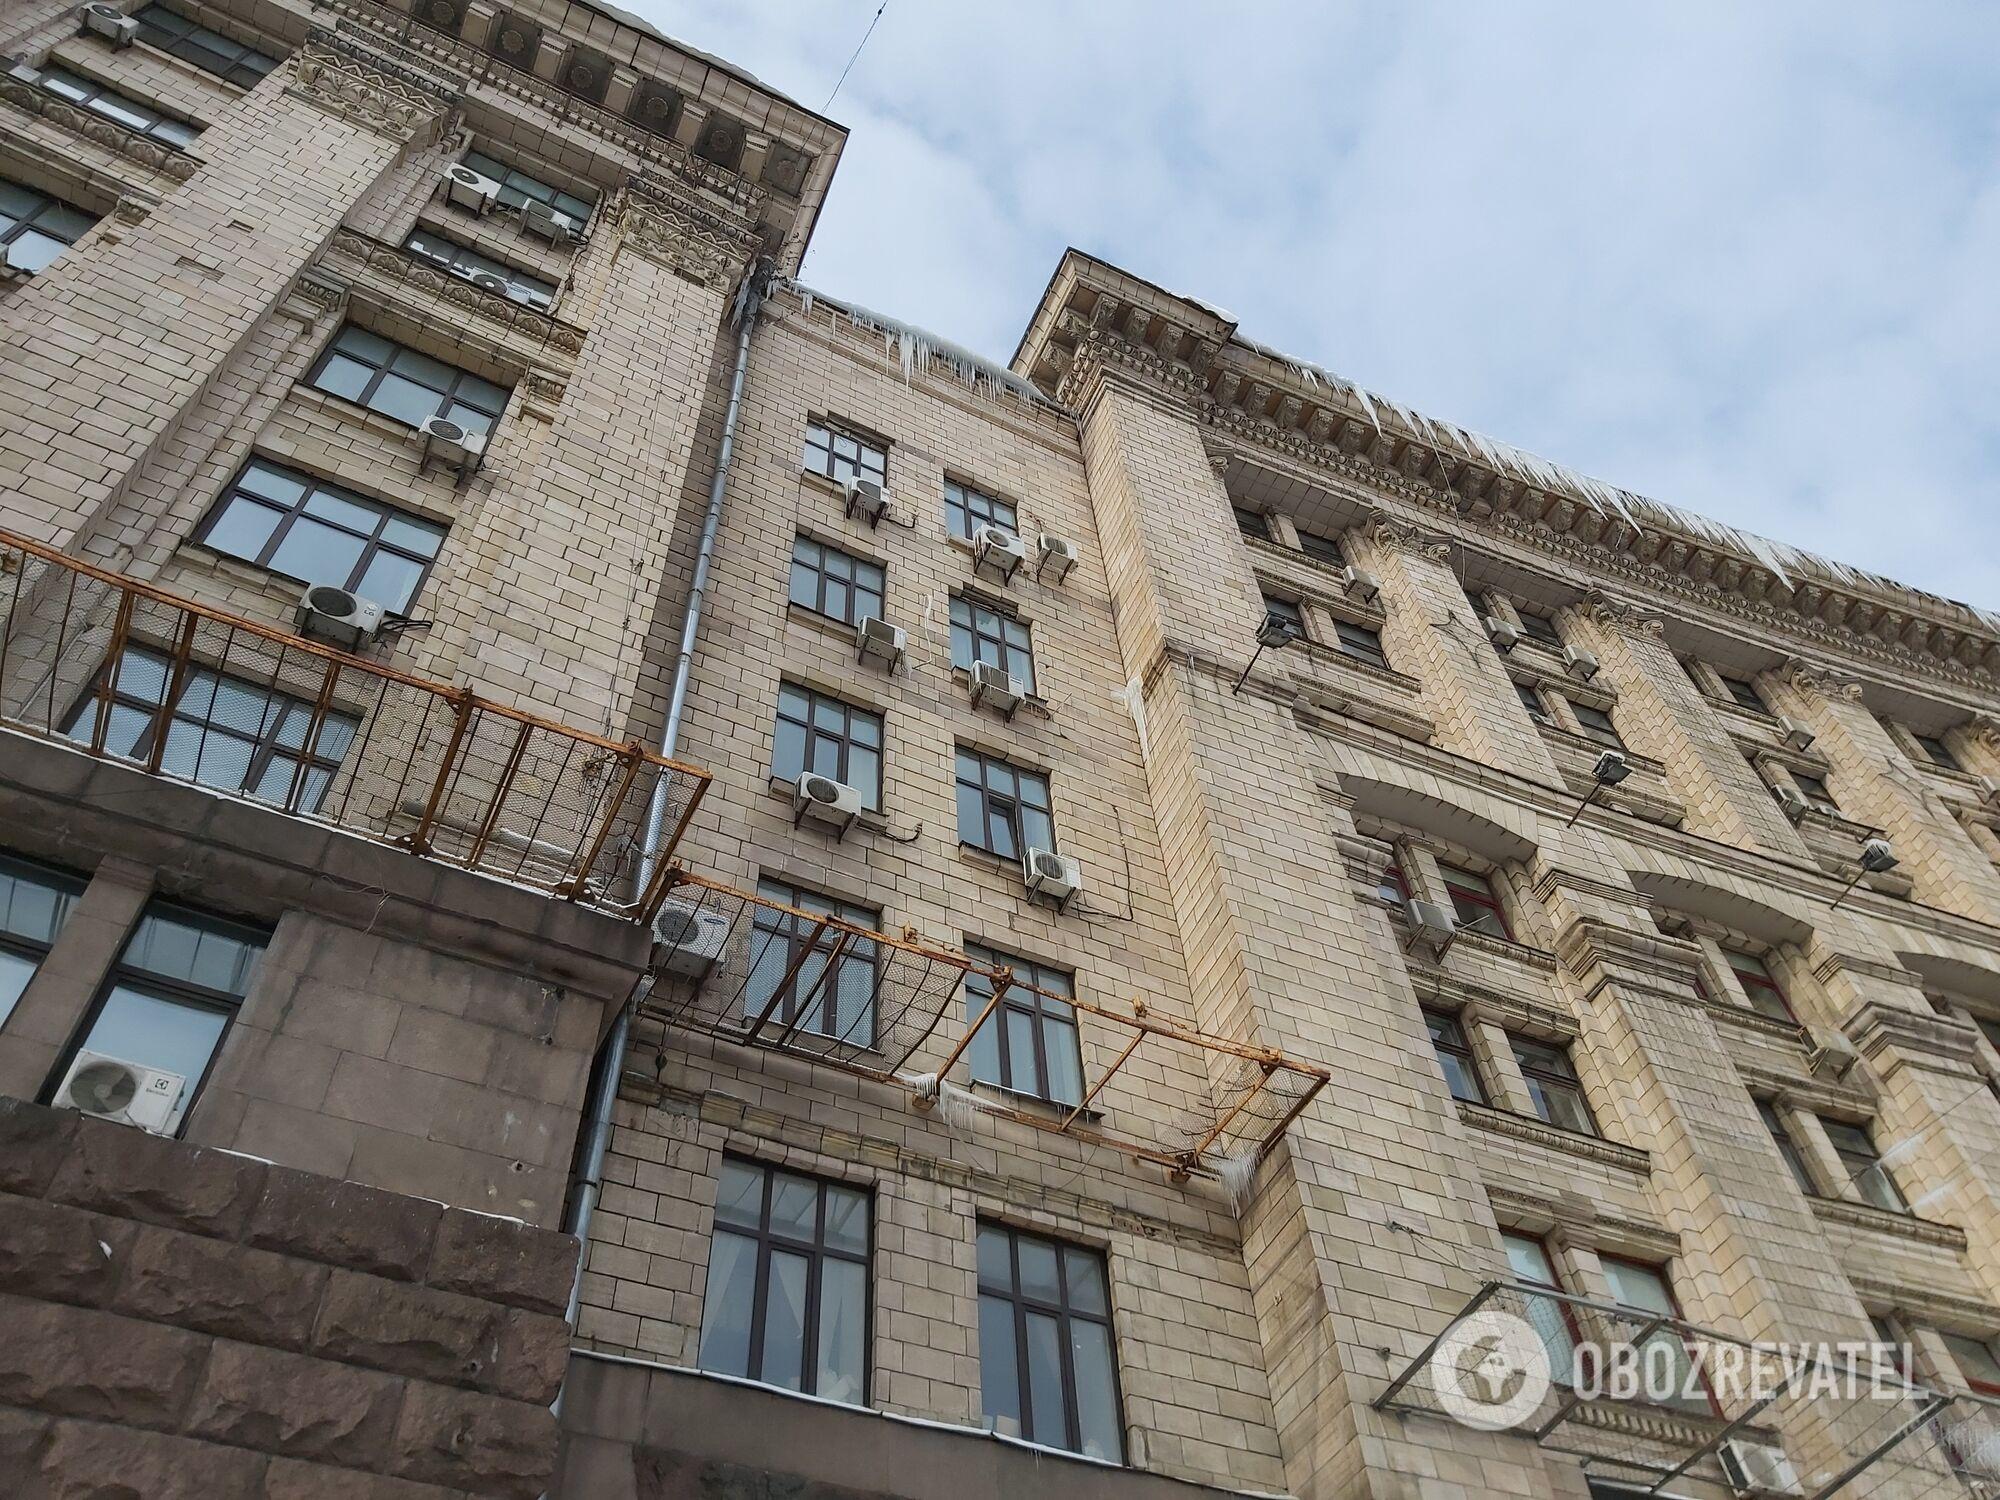 Киевлян и гостей столицы просят соблюдать правила безопасности.